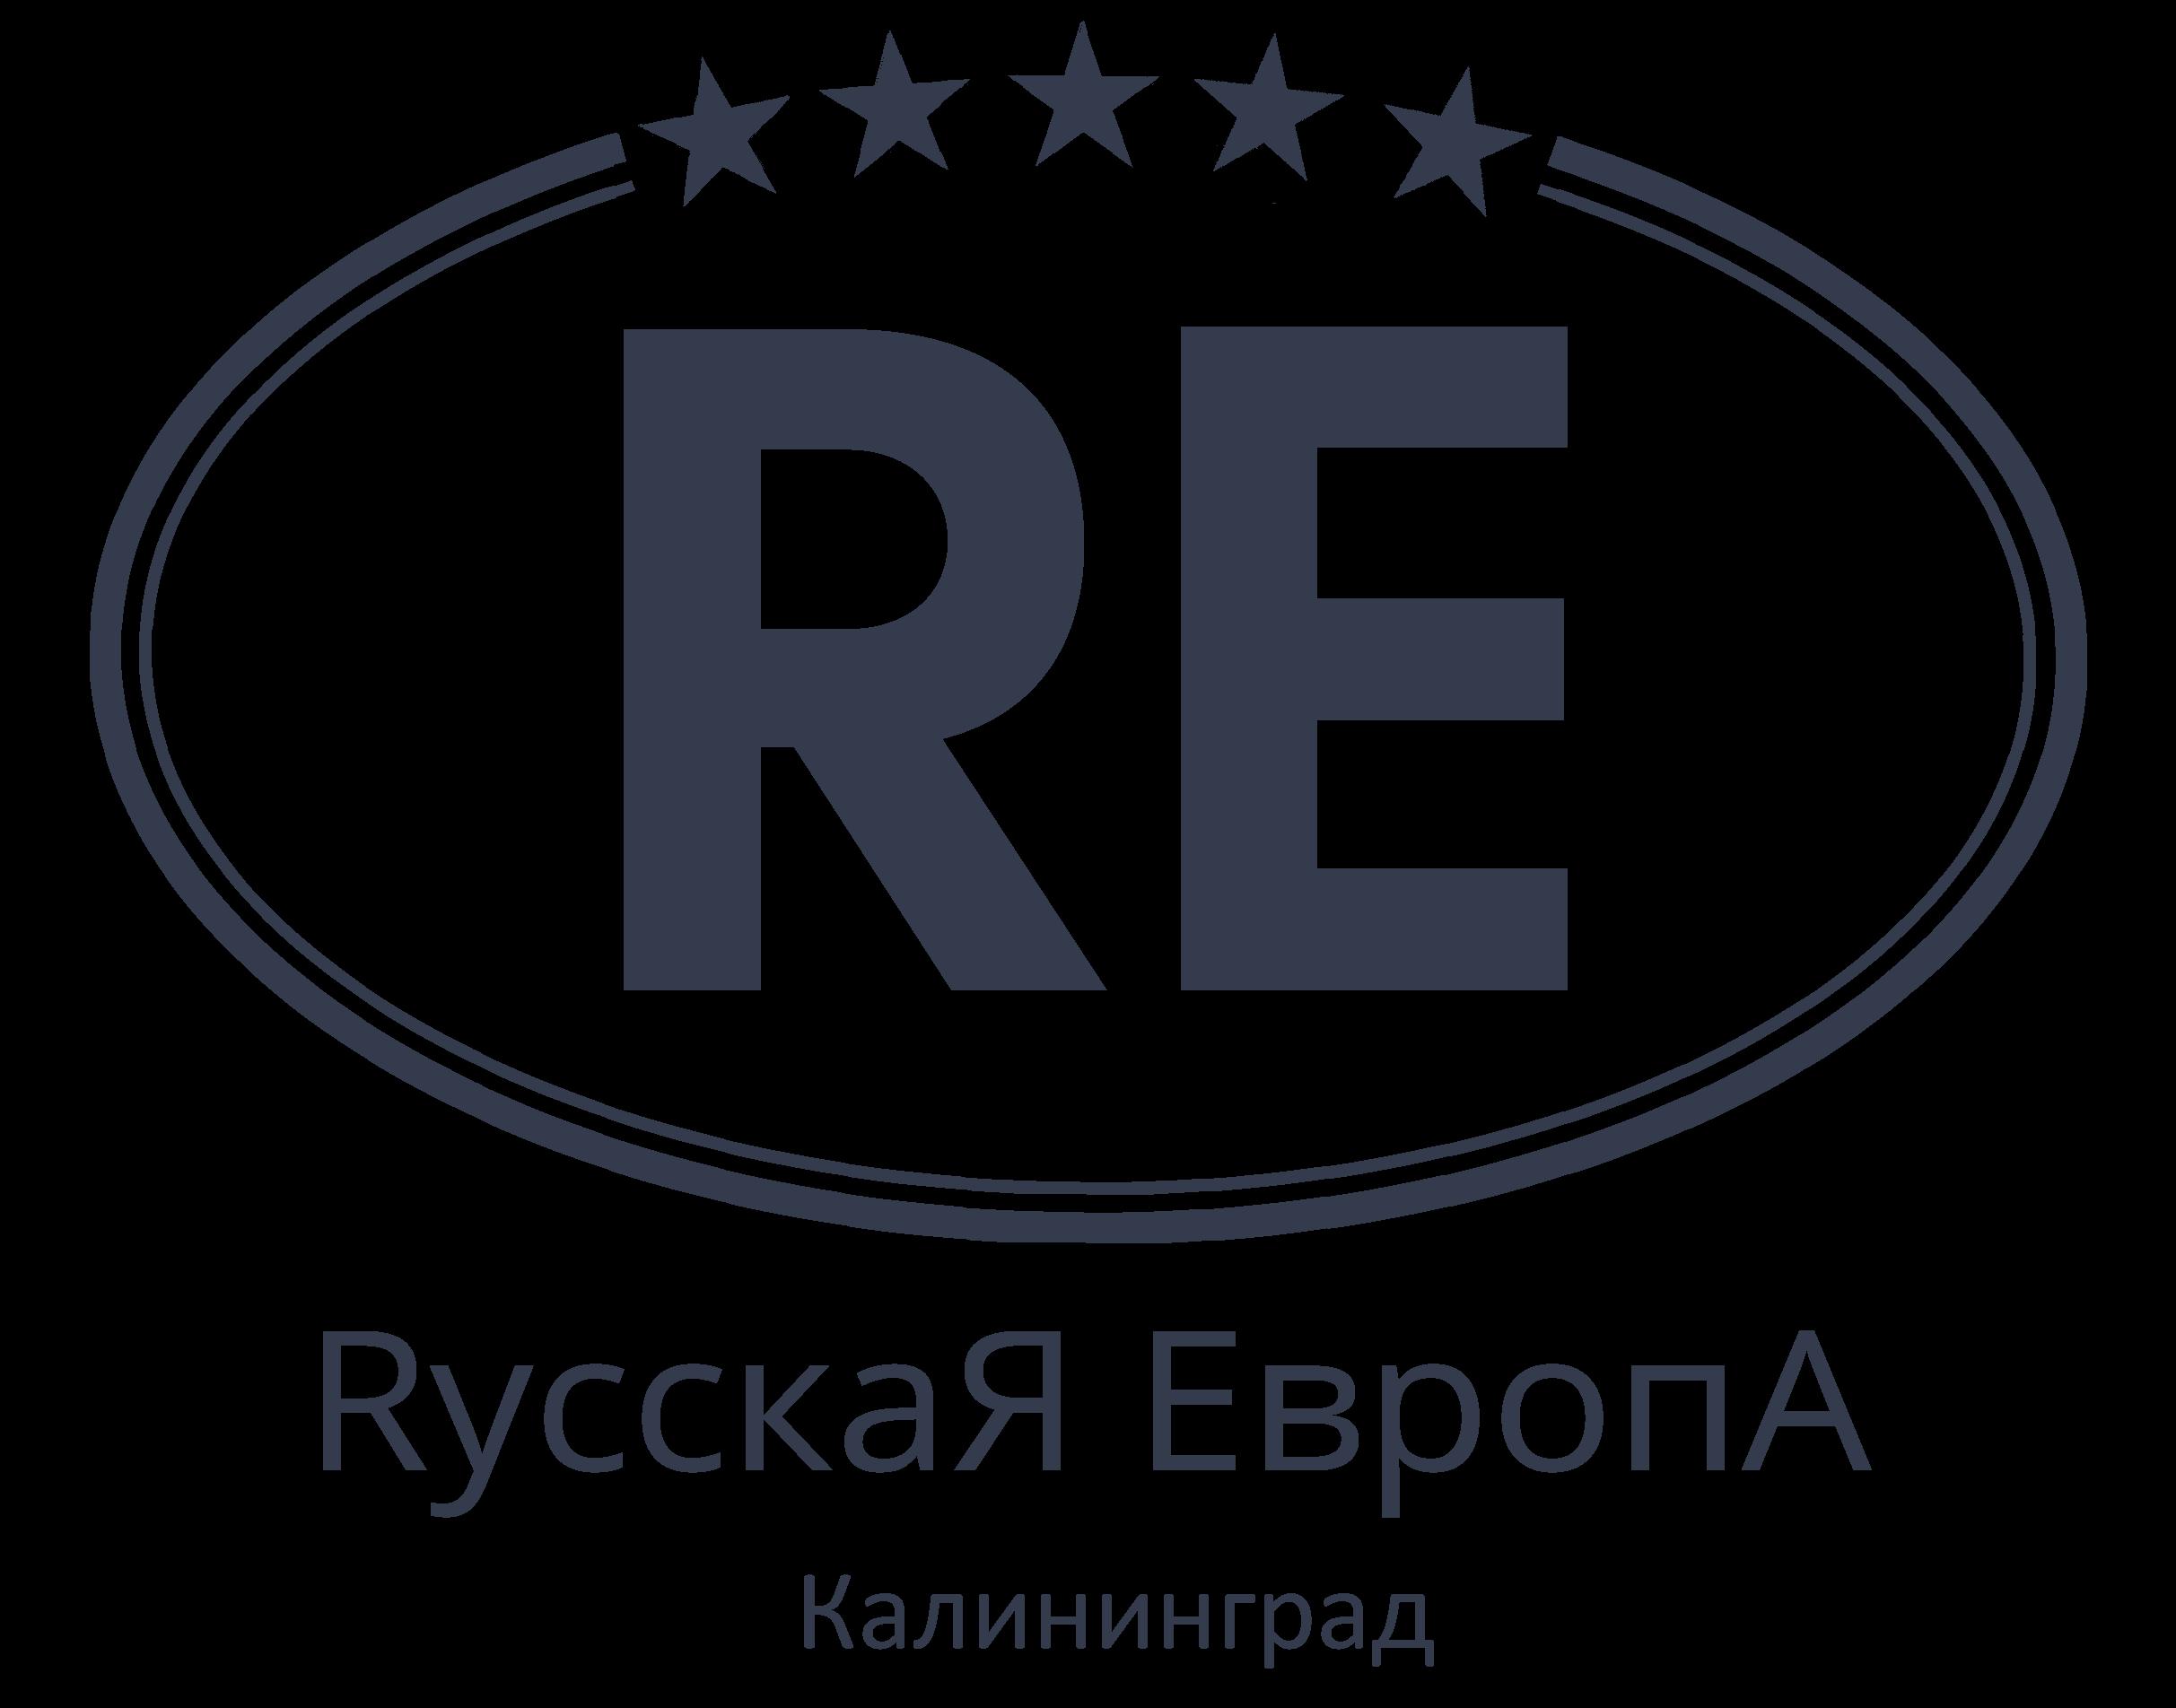 официальный сайт РусскаЯ ЕвропА